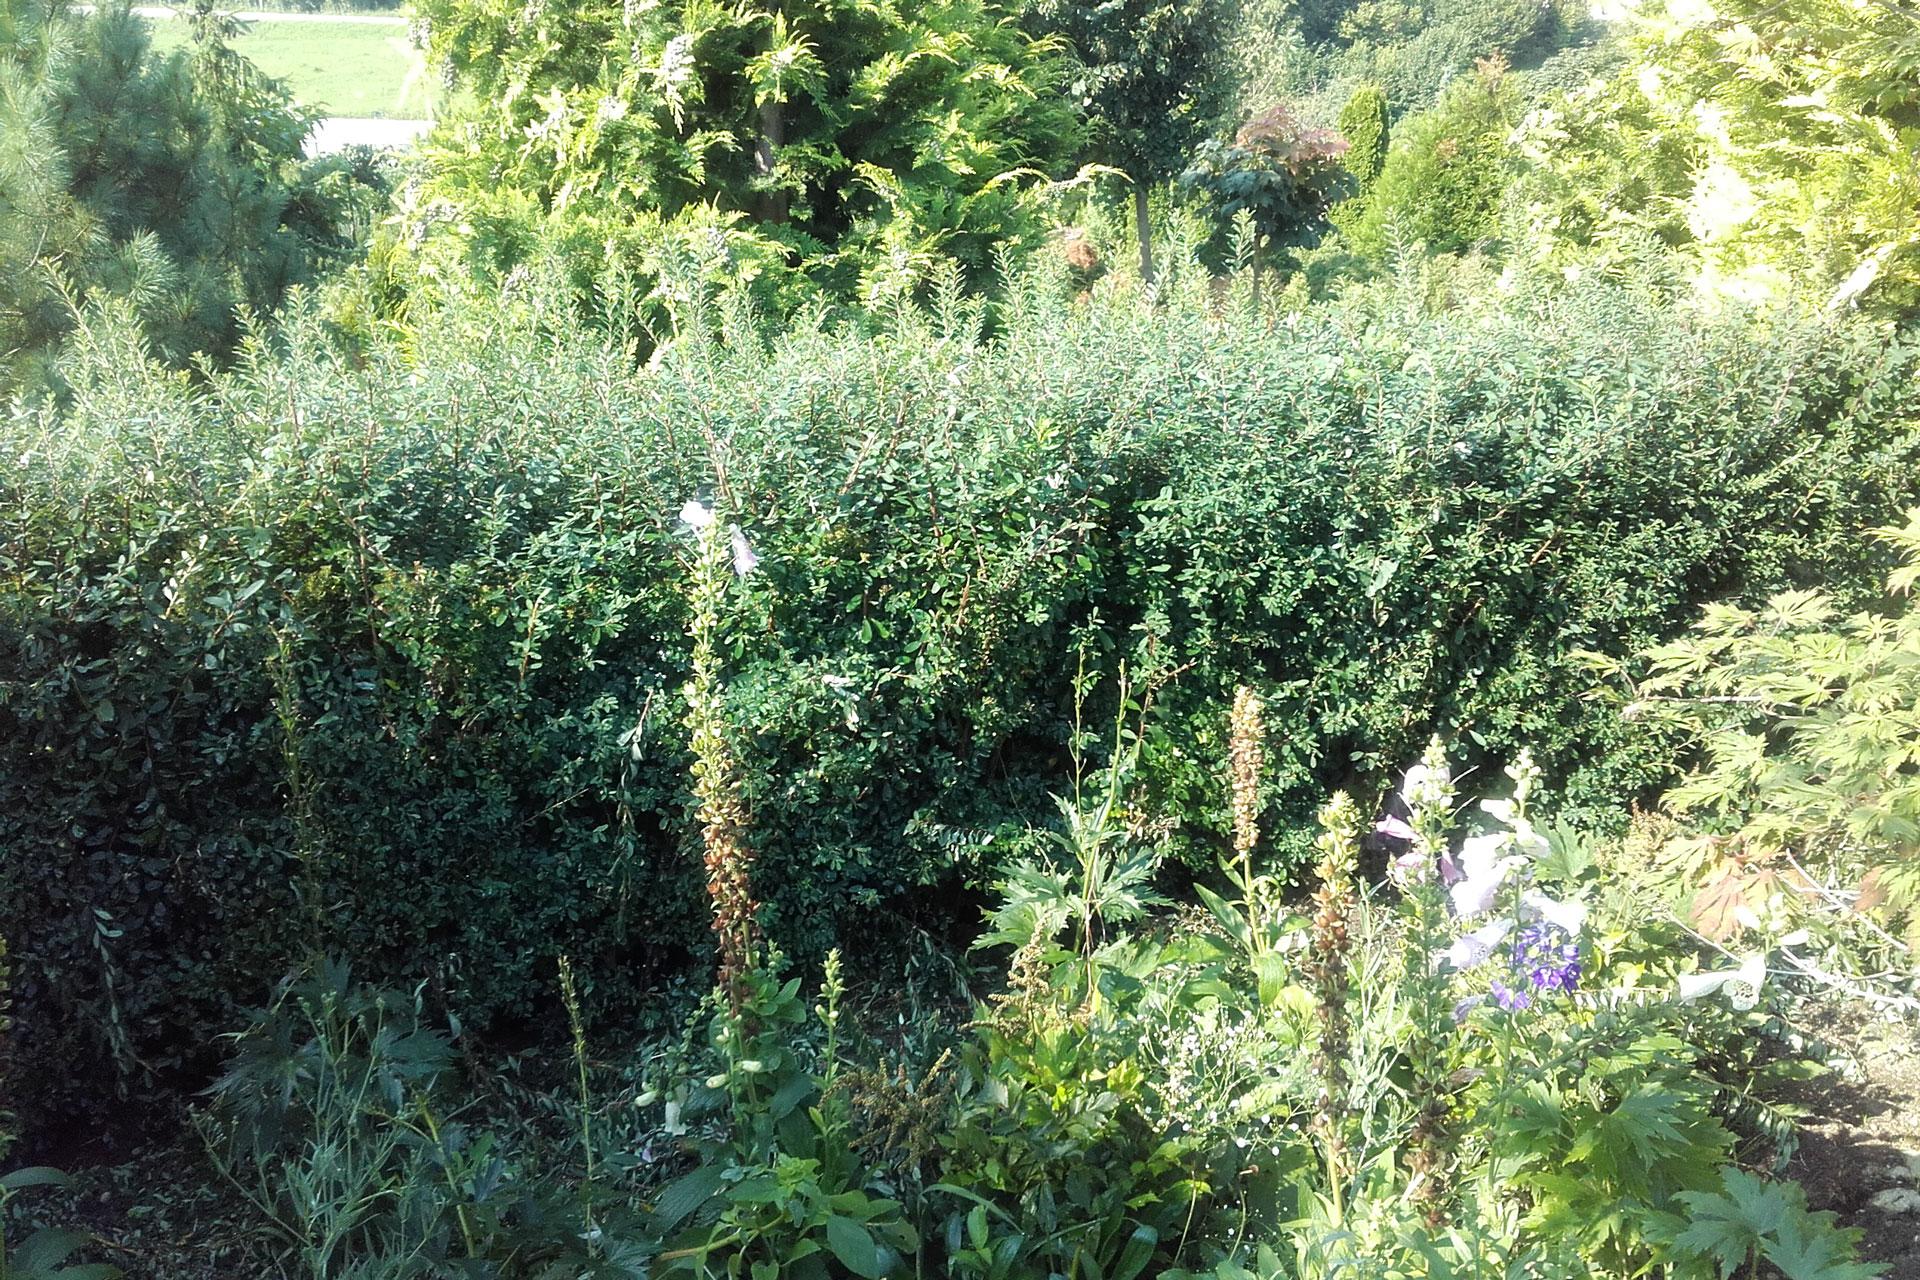 Obrezovanje grmovnic in urejanje žive meje